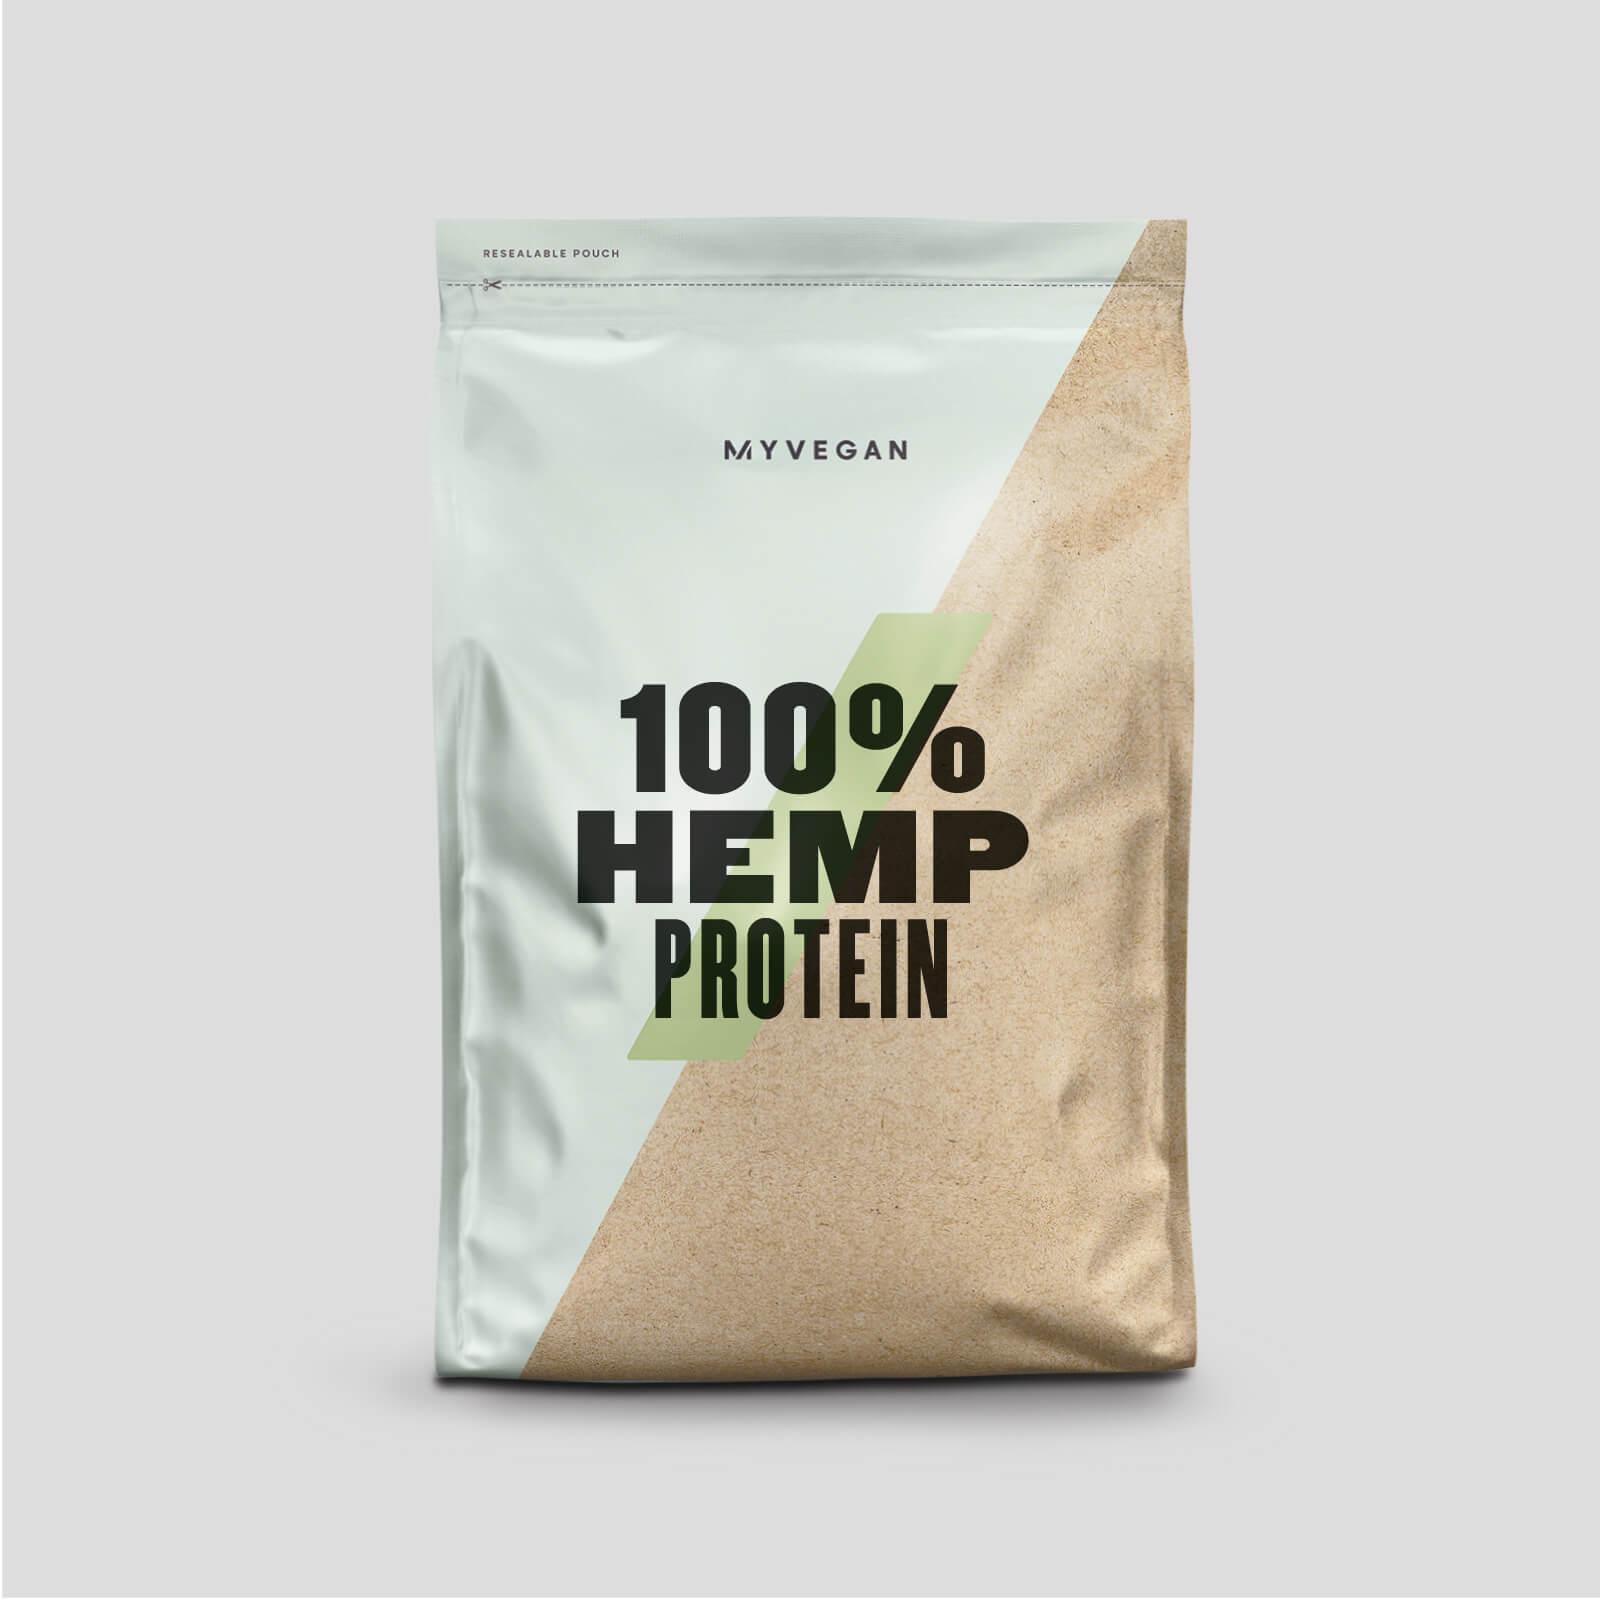 Protéine de chanvre - 1kg - Sans arôme ajouté